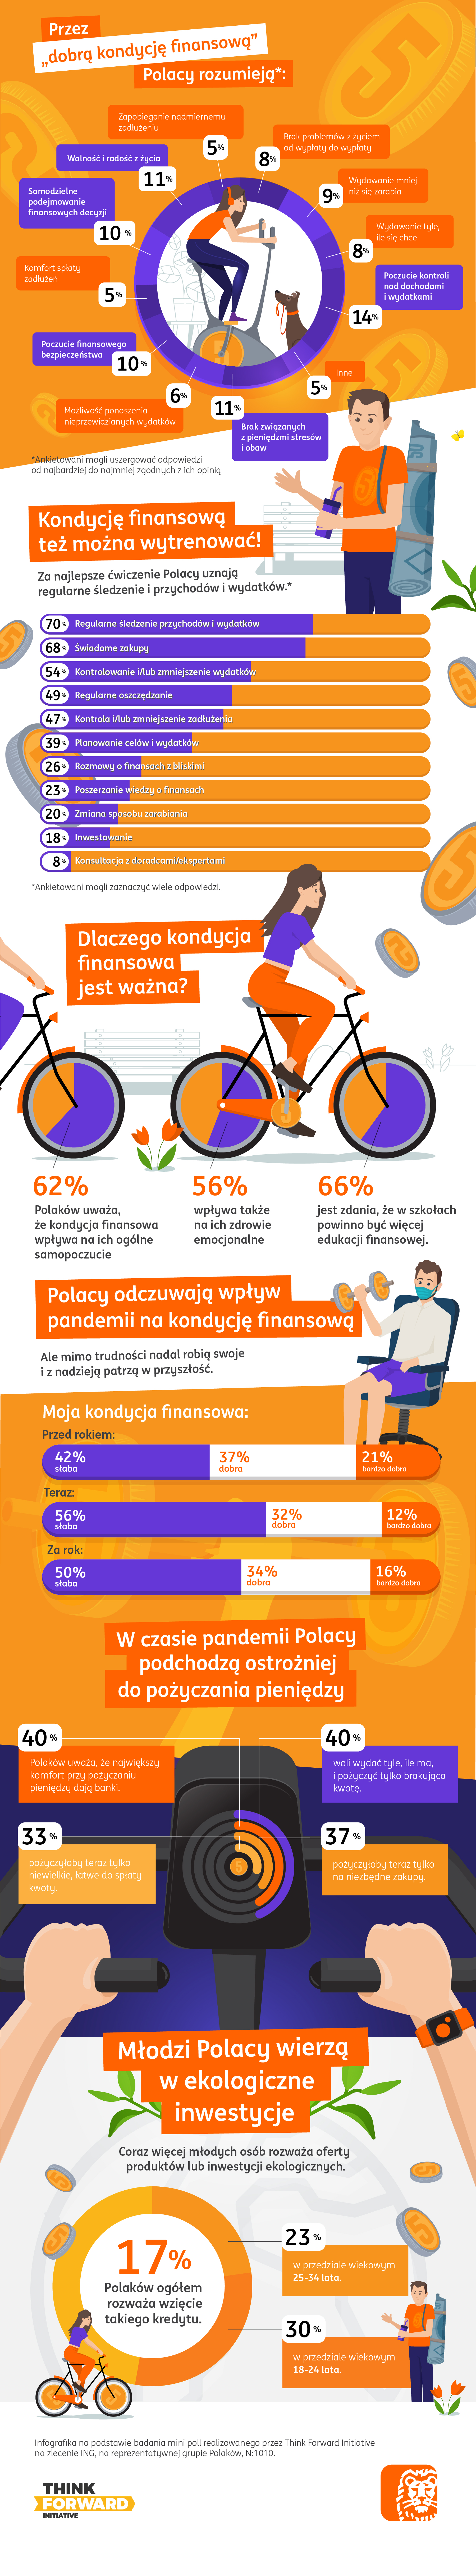 ING - infografika - Pozimowa kondycja finansowa Polaków 2021.jpg